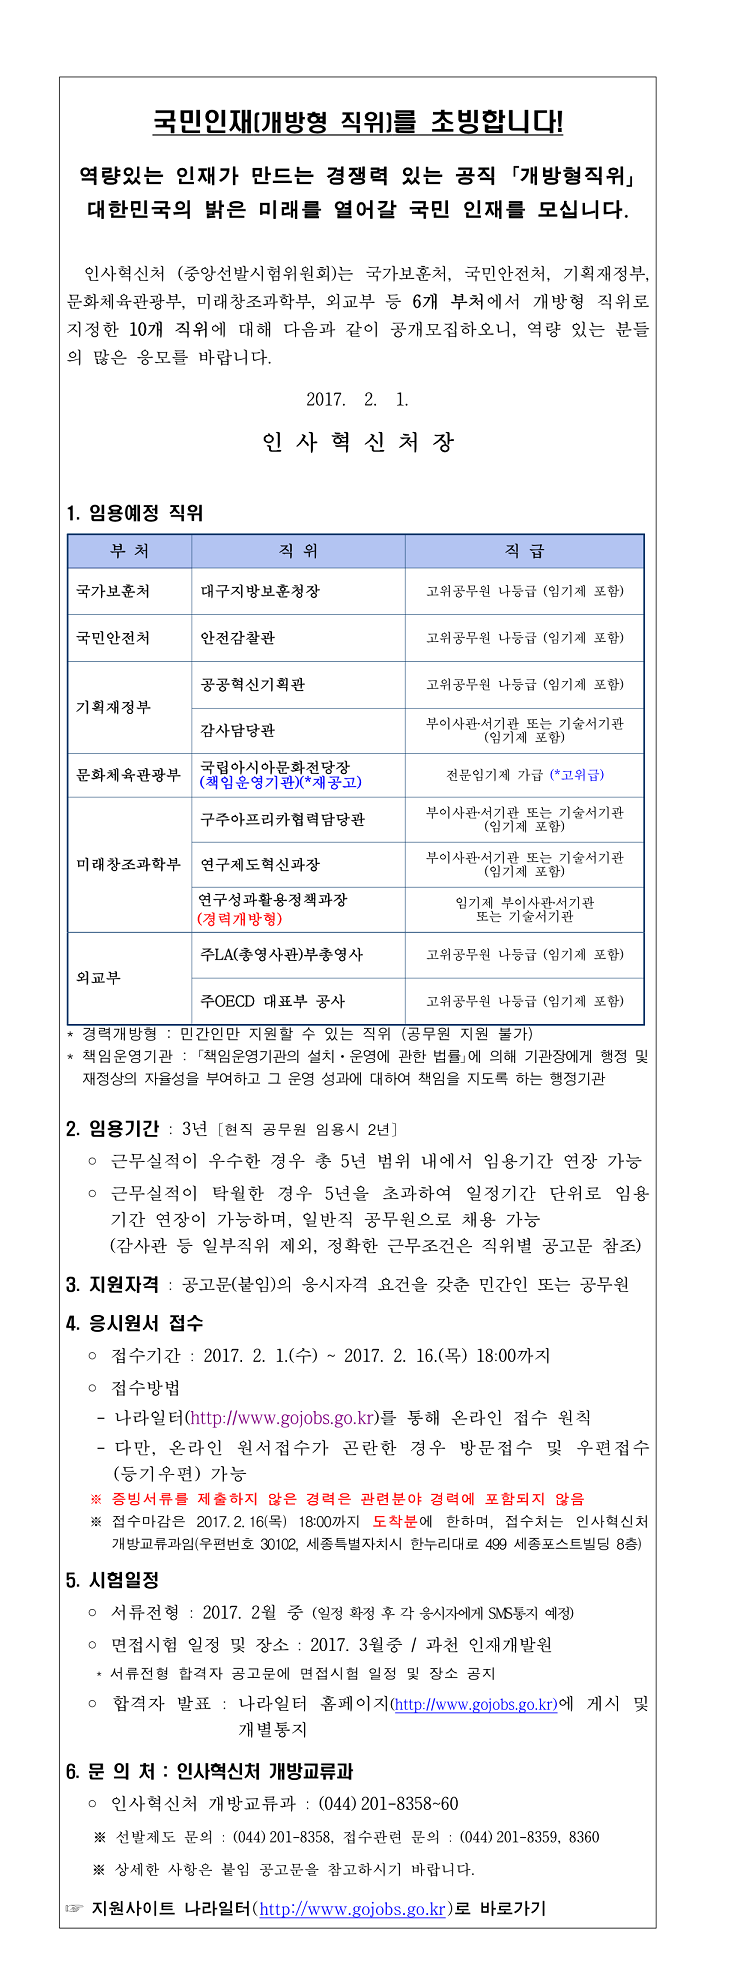 1. 개방형 직위 공개모집 안내(2017년 2월 공고)-1.jpg